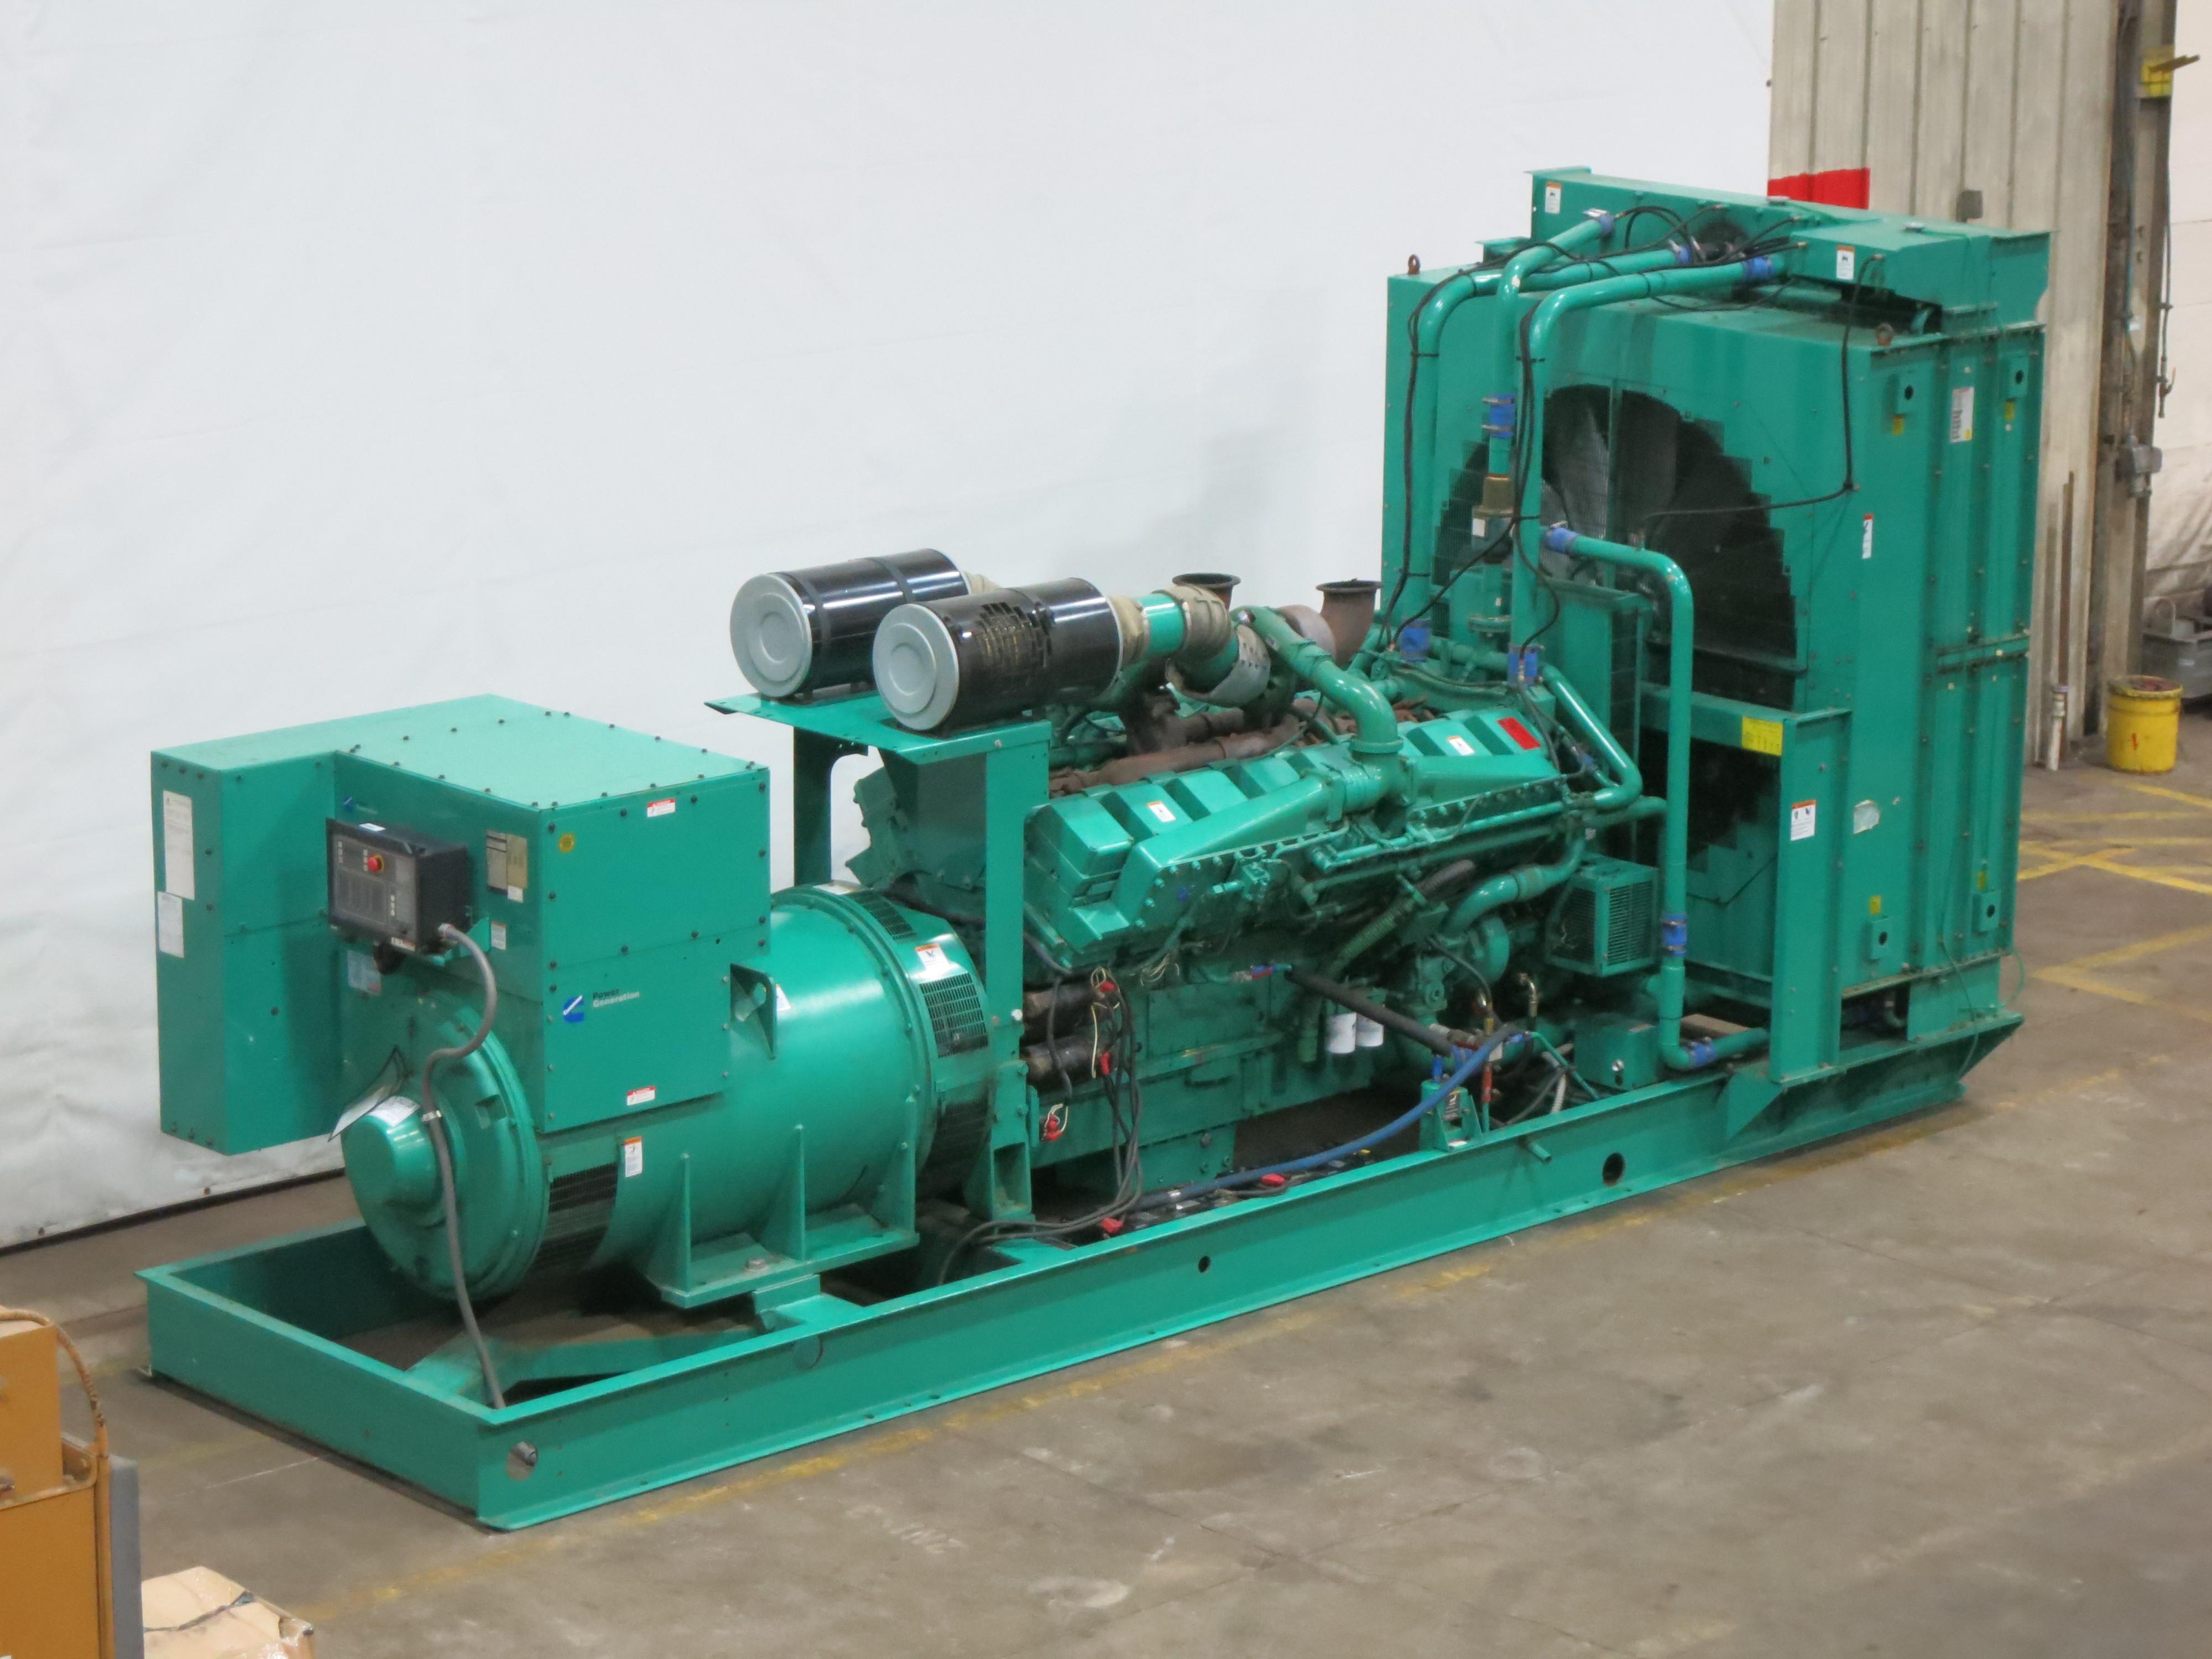 Used Cummins DFLE KTA50-G9 Diesel Generator   575 Hrs   1500 KW   0 Price    CSDG